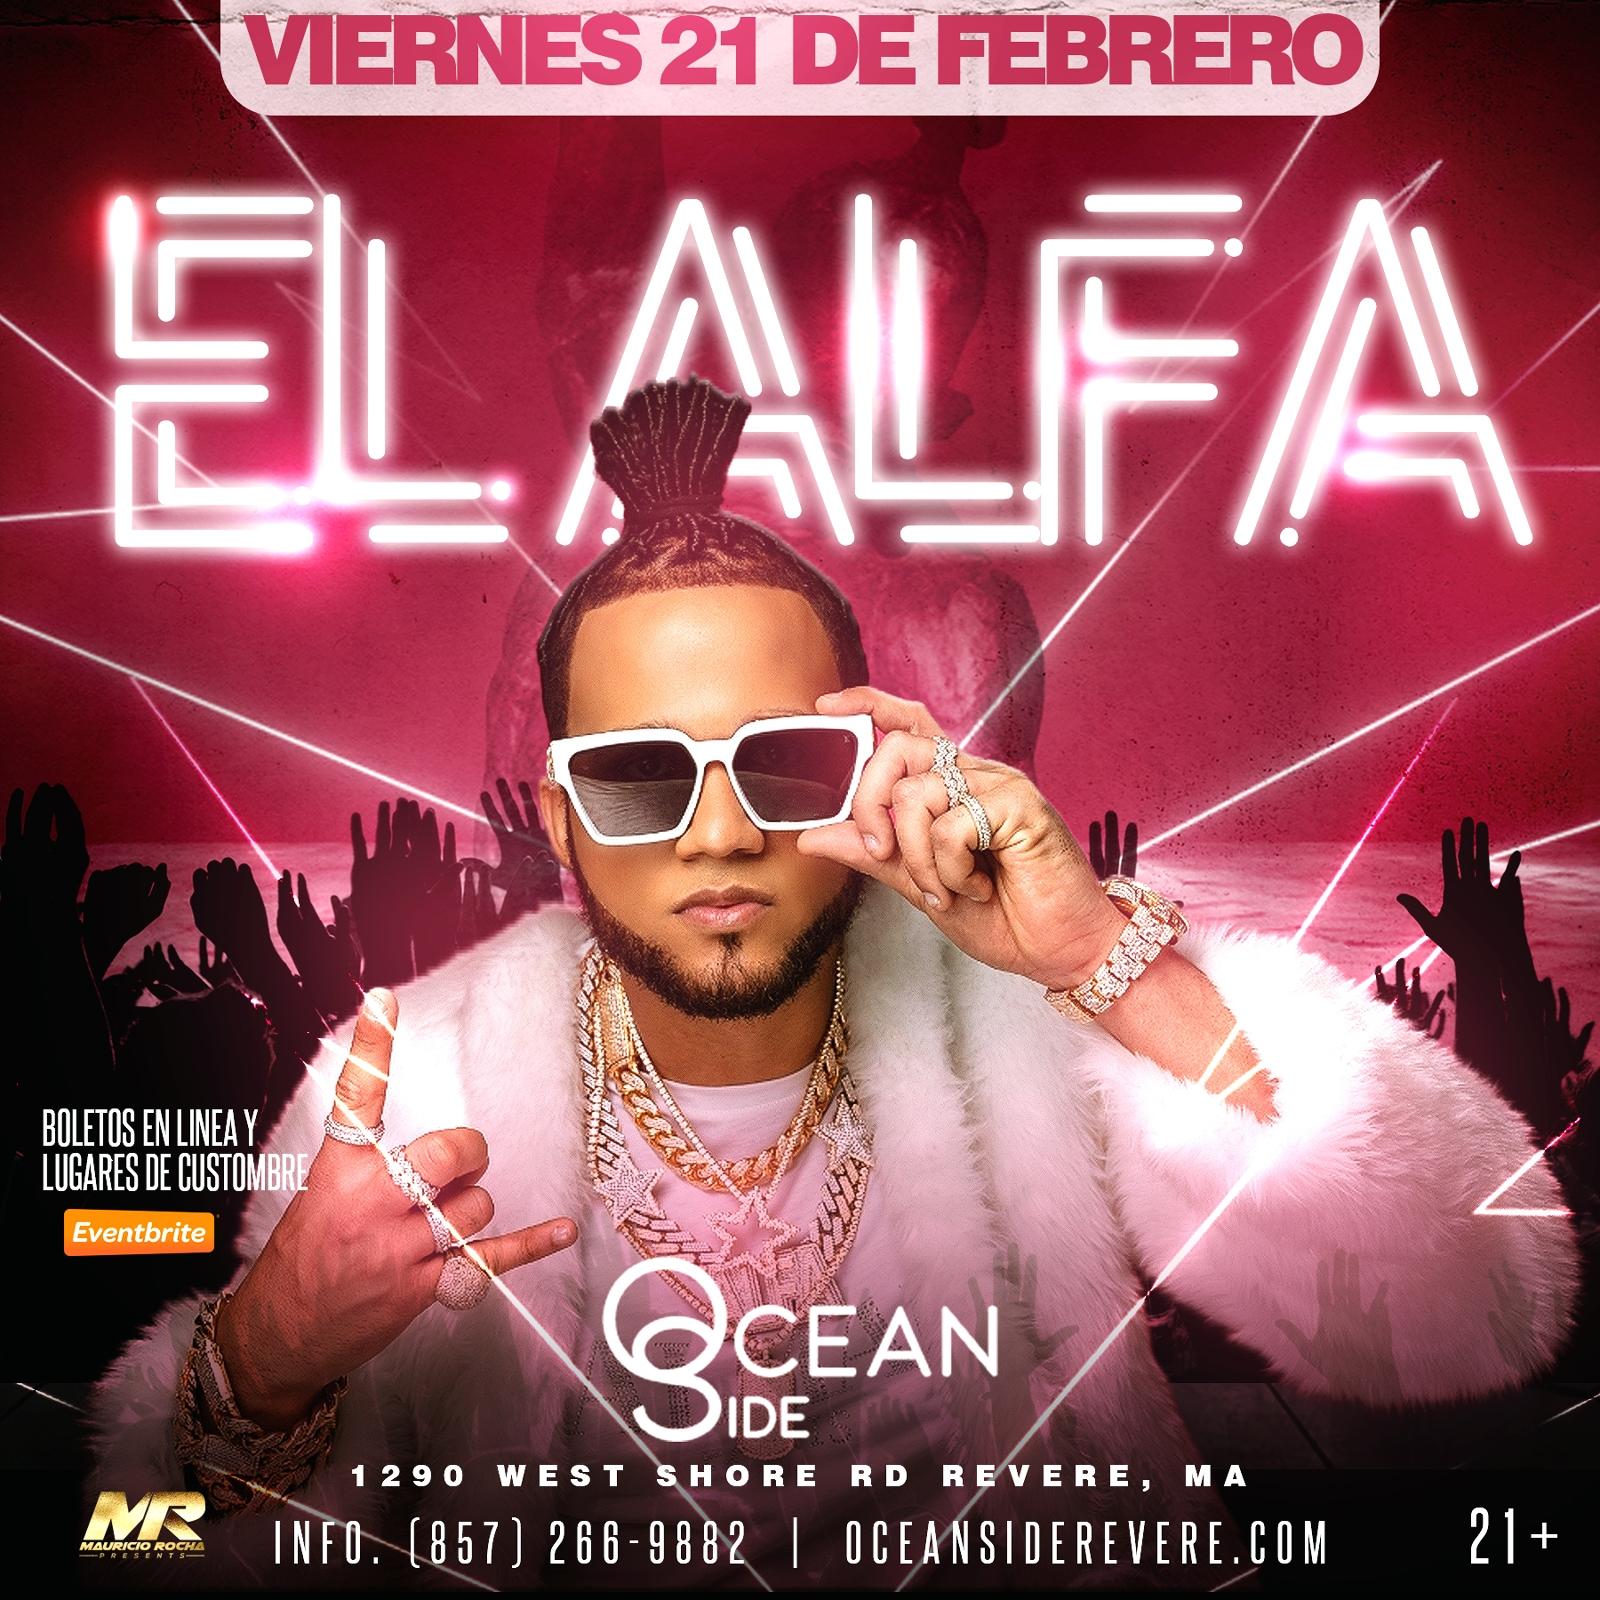 El Alfa At Oceanside Club